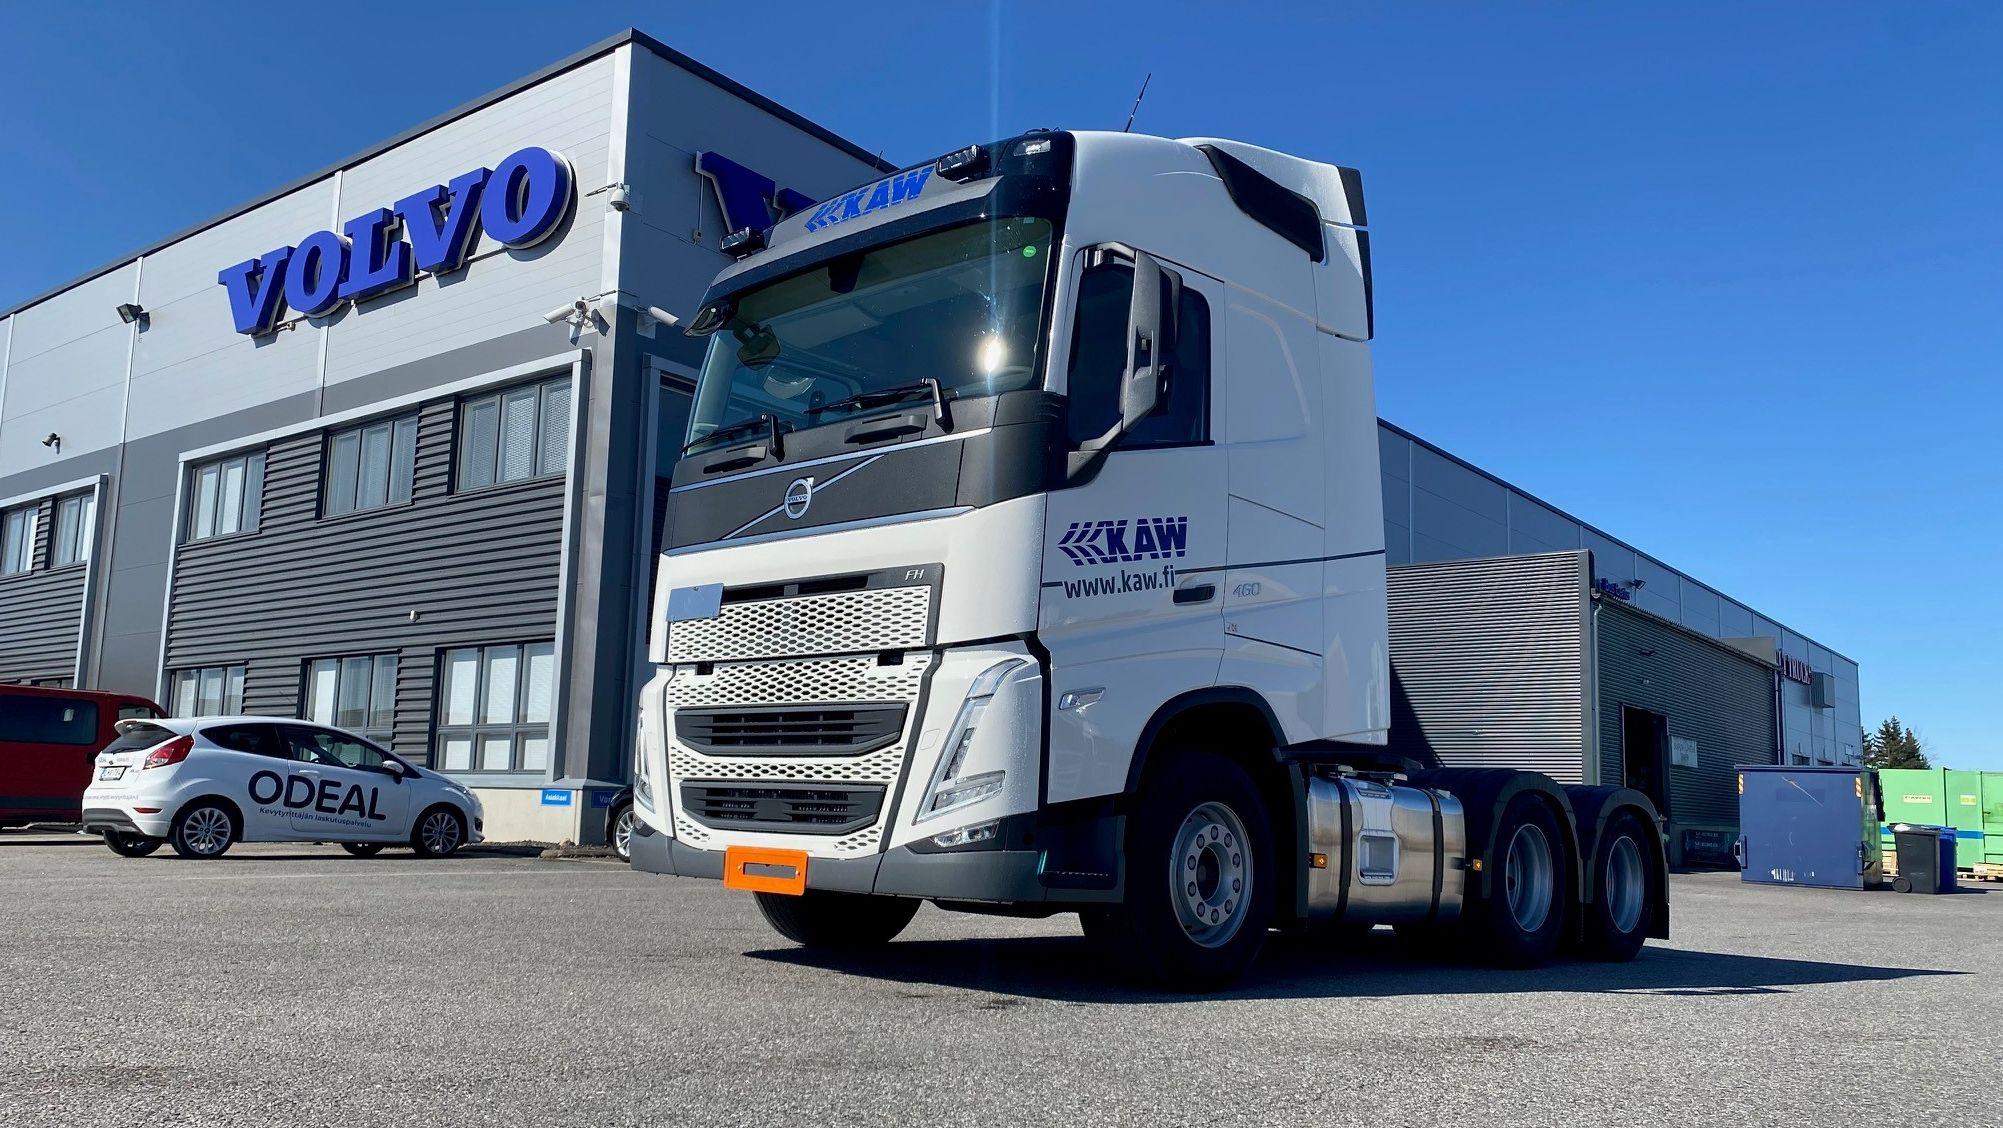 Kuljetuspalvelu All The Waylle tulee yhteensä 6 kappaletta uuden mallin Volvo FH 6 x 2460 Globe -veturia, joissa polttoainetehokkuus on viety korkealle tasolle kaikissa valinnoissa. Autoissa on mm. I-See, optimoitu perävälitys ja tyhjäkäyntipysäytys.